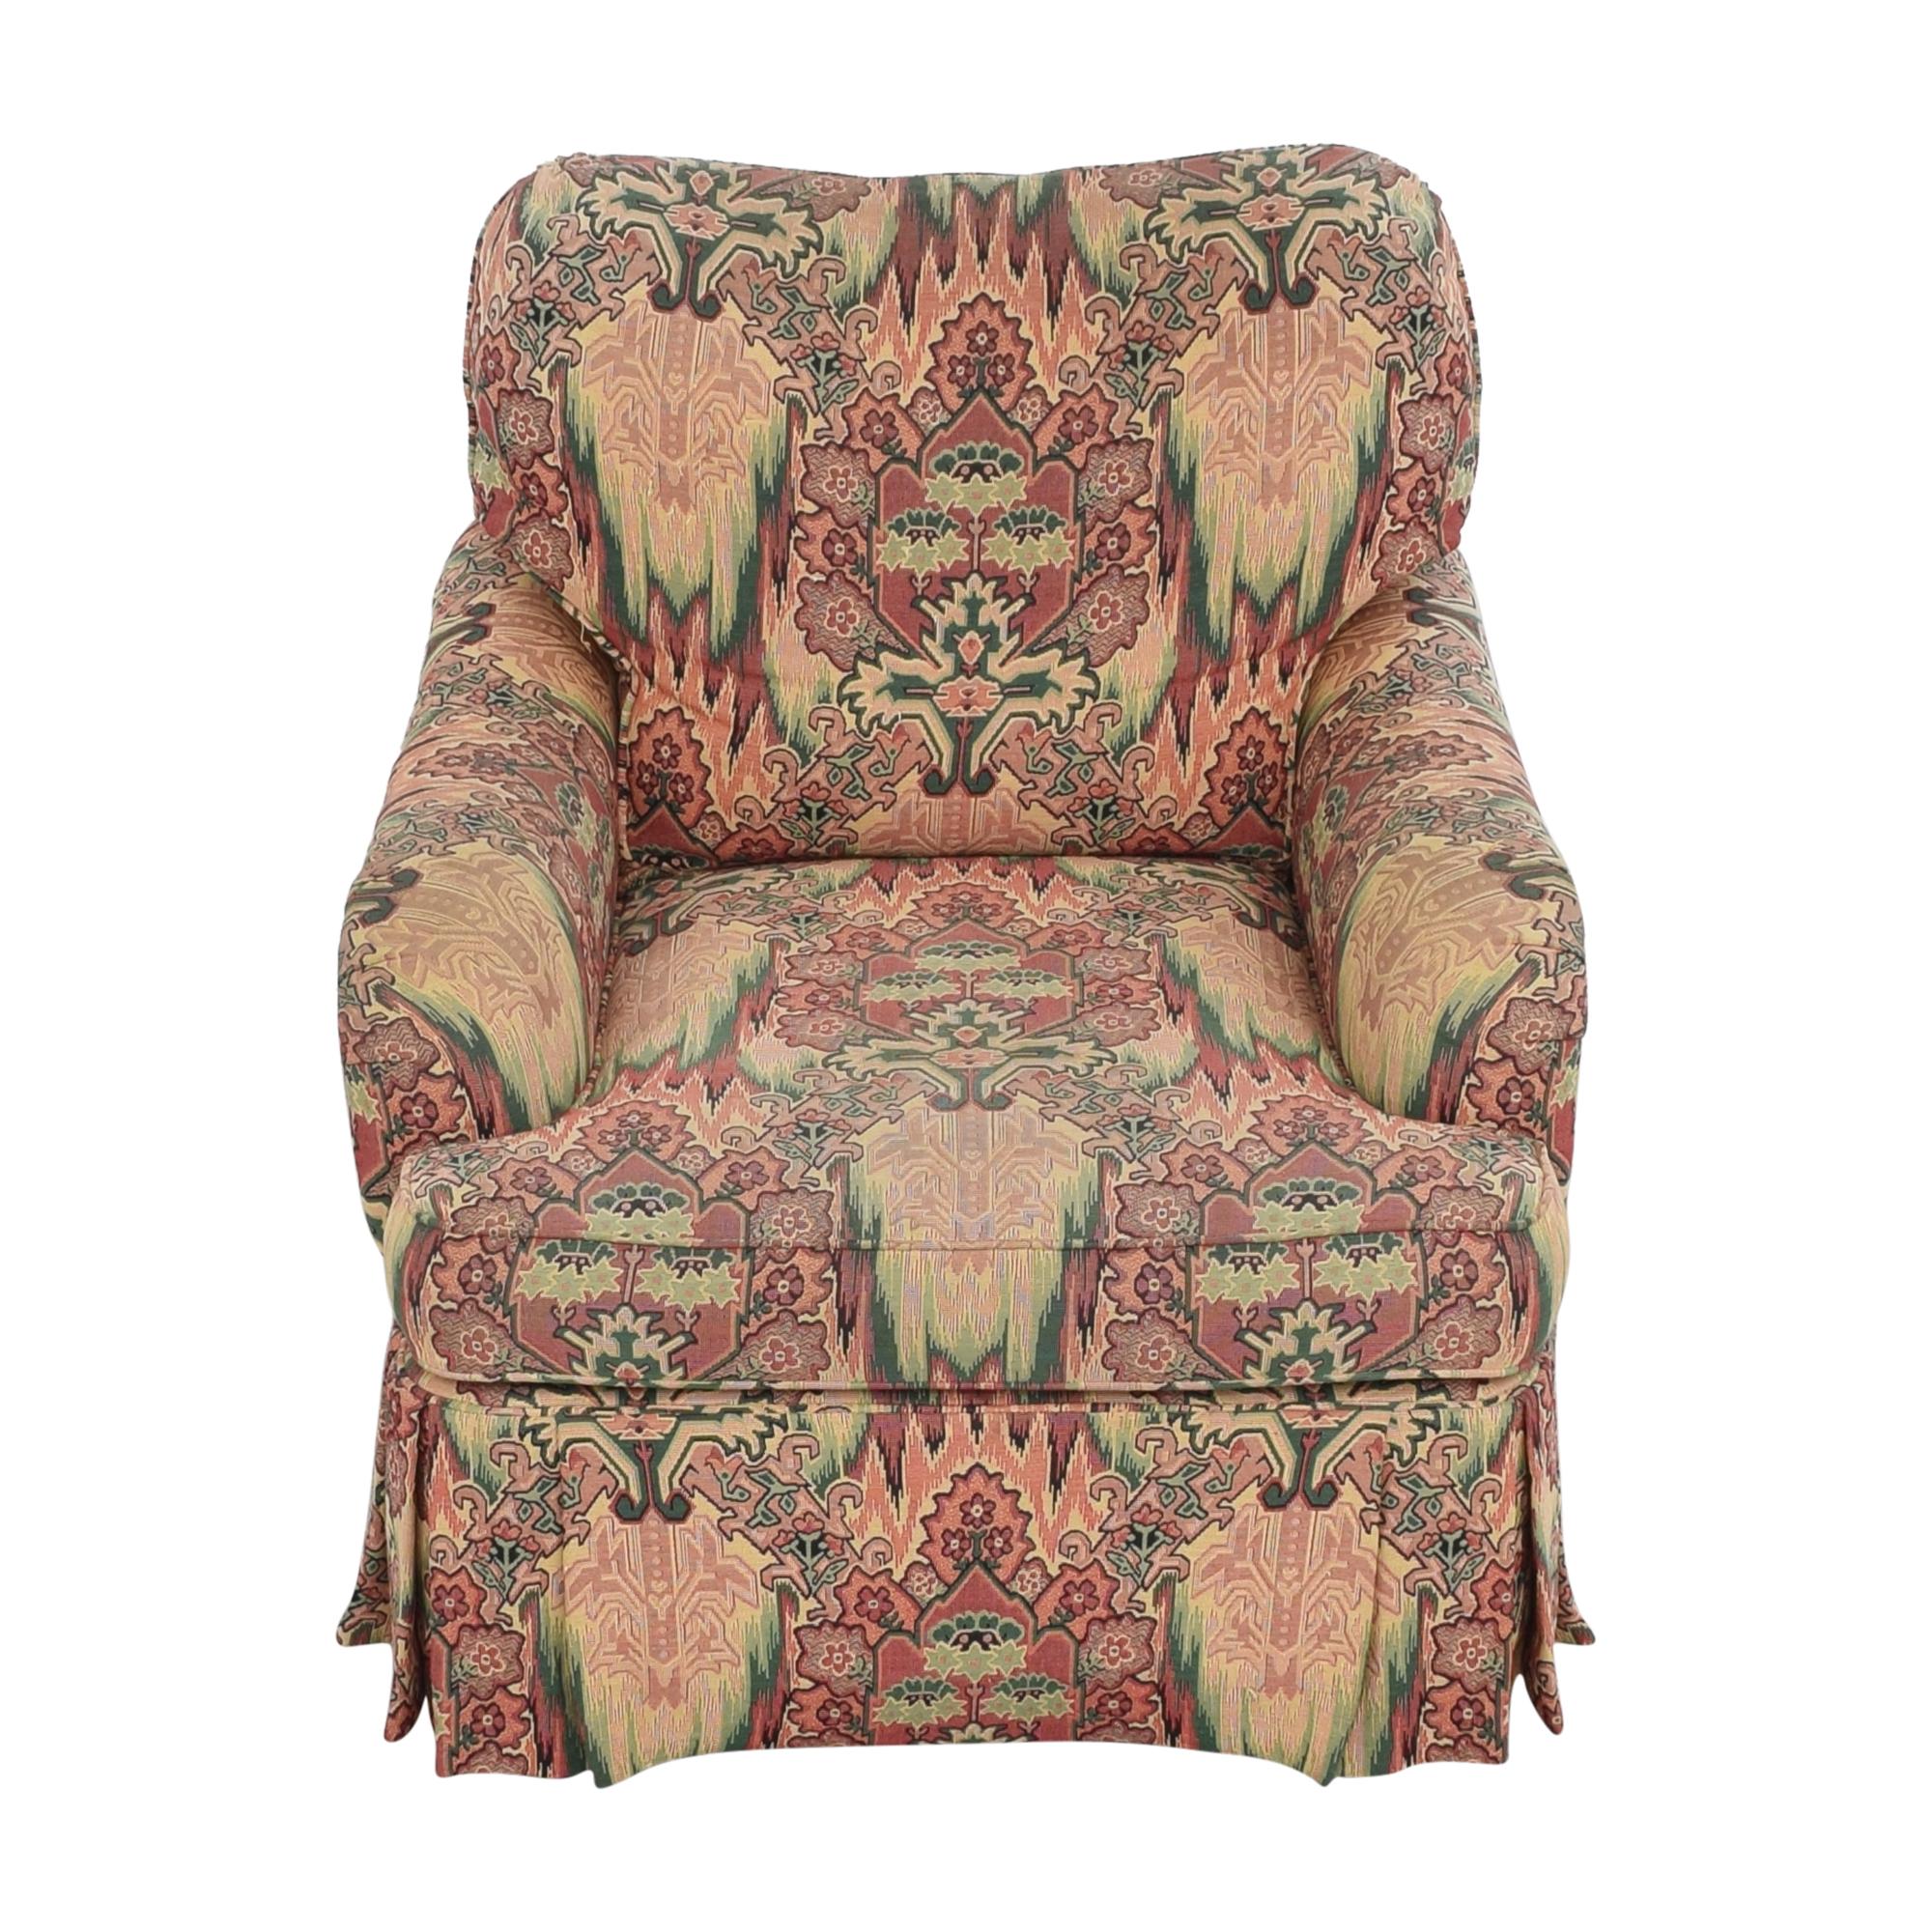 Pearson Fabric Accent Chair Pearson